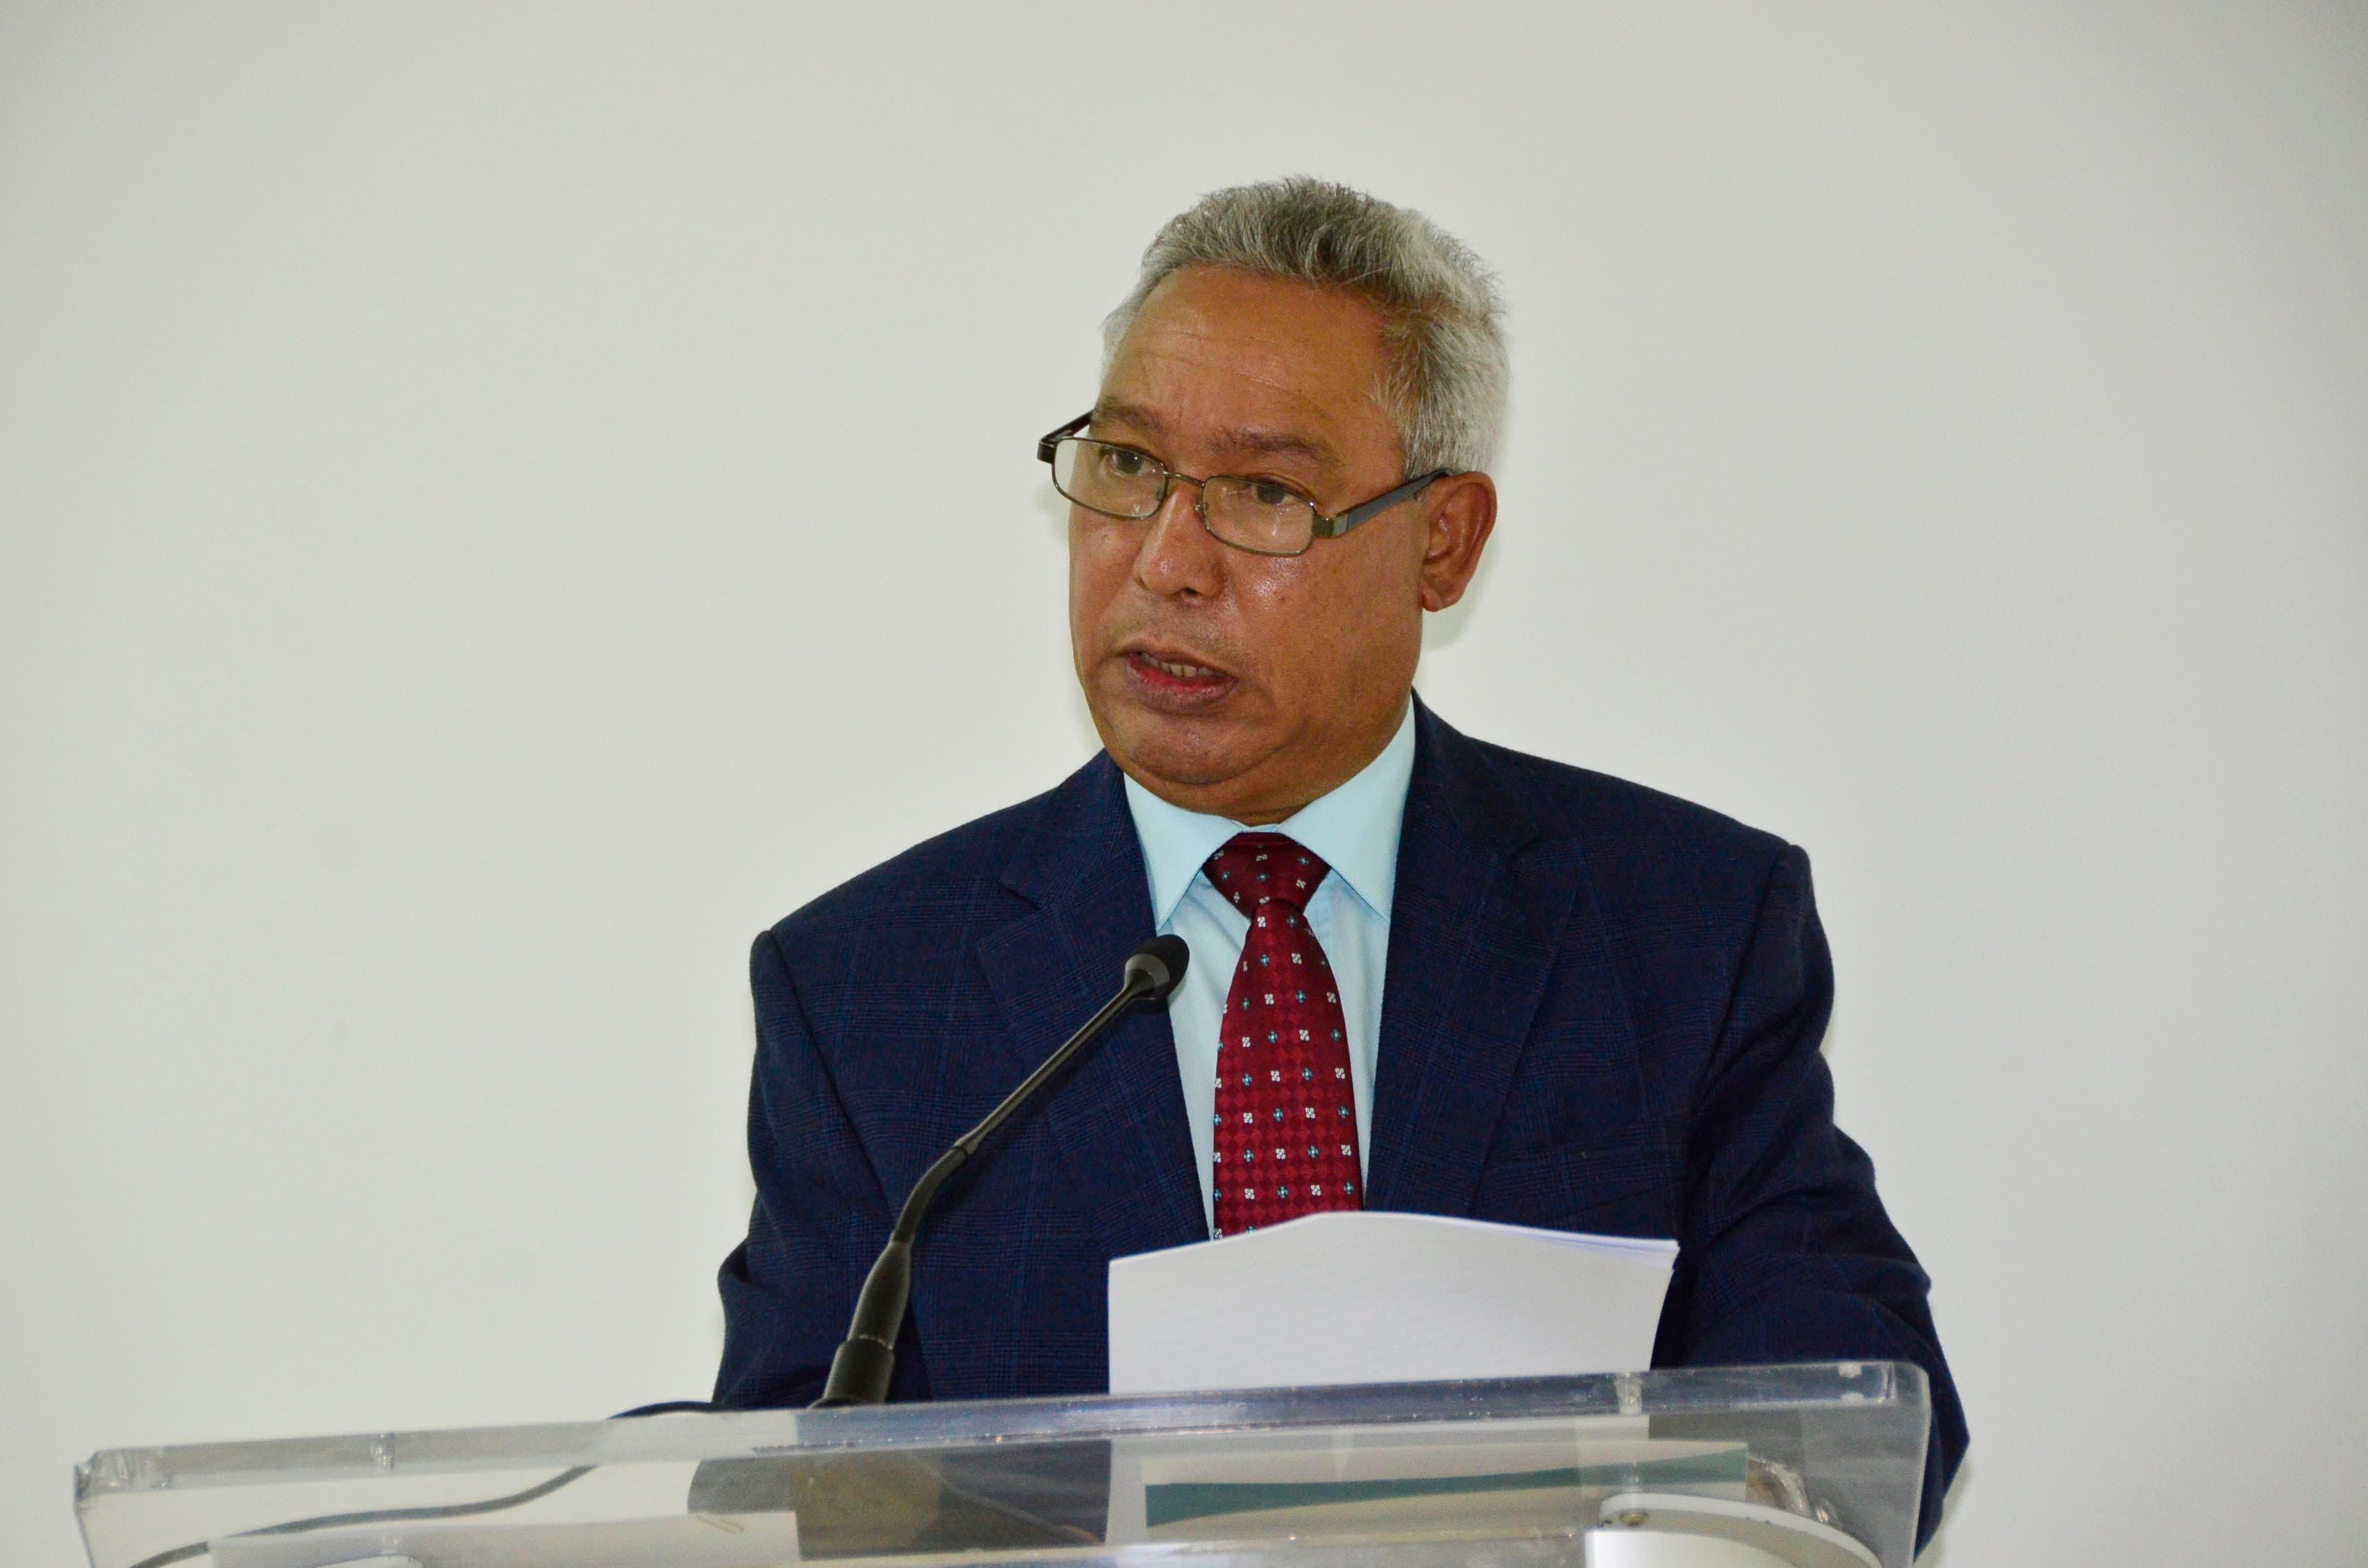 """El ministro Isidoro Santana dicta la conferencia magistral """"Desafíos: Crecimiento económico, reducción de pobreza y regionalización"""" en el edificio Empresarial de Santiago."""